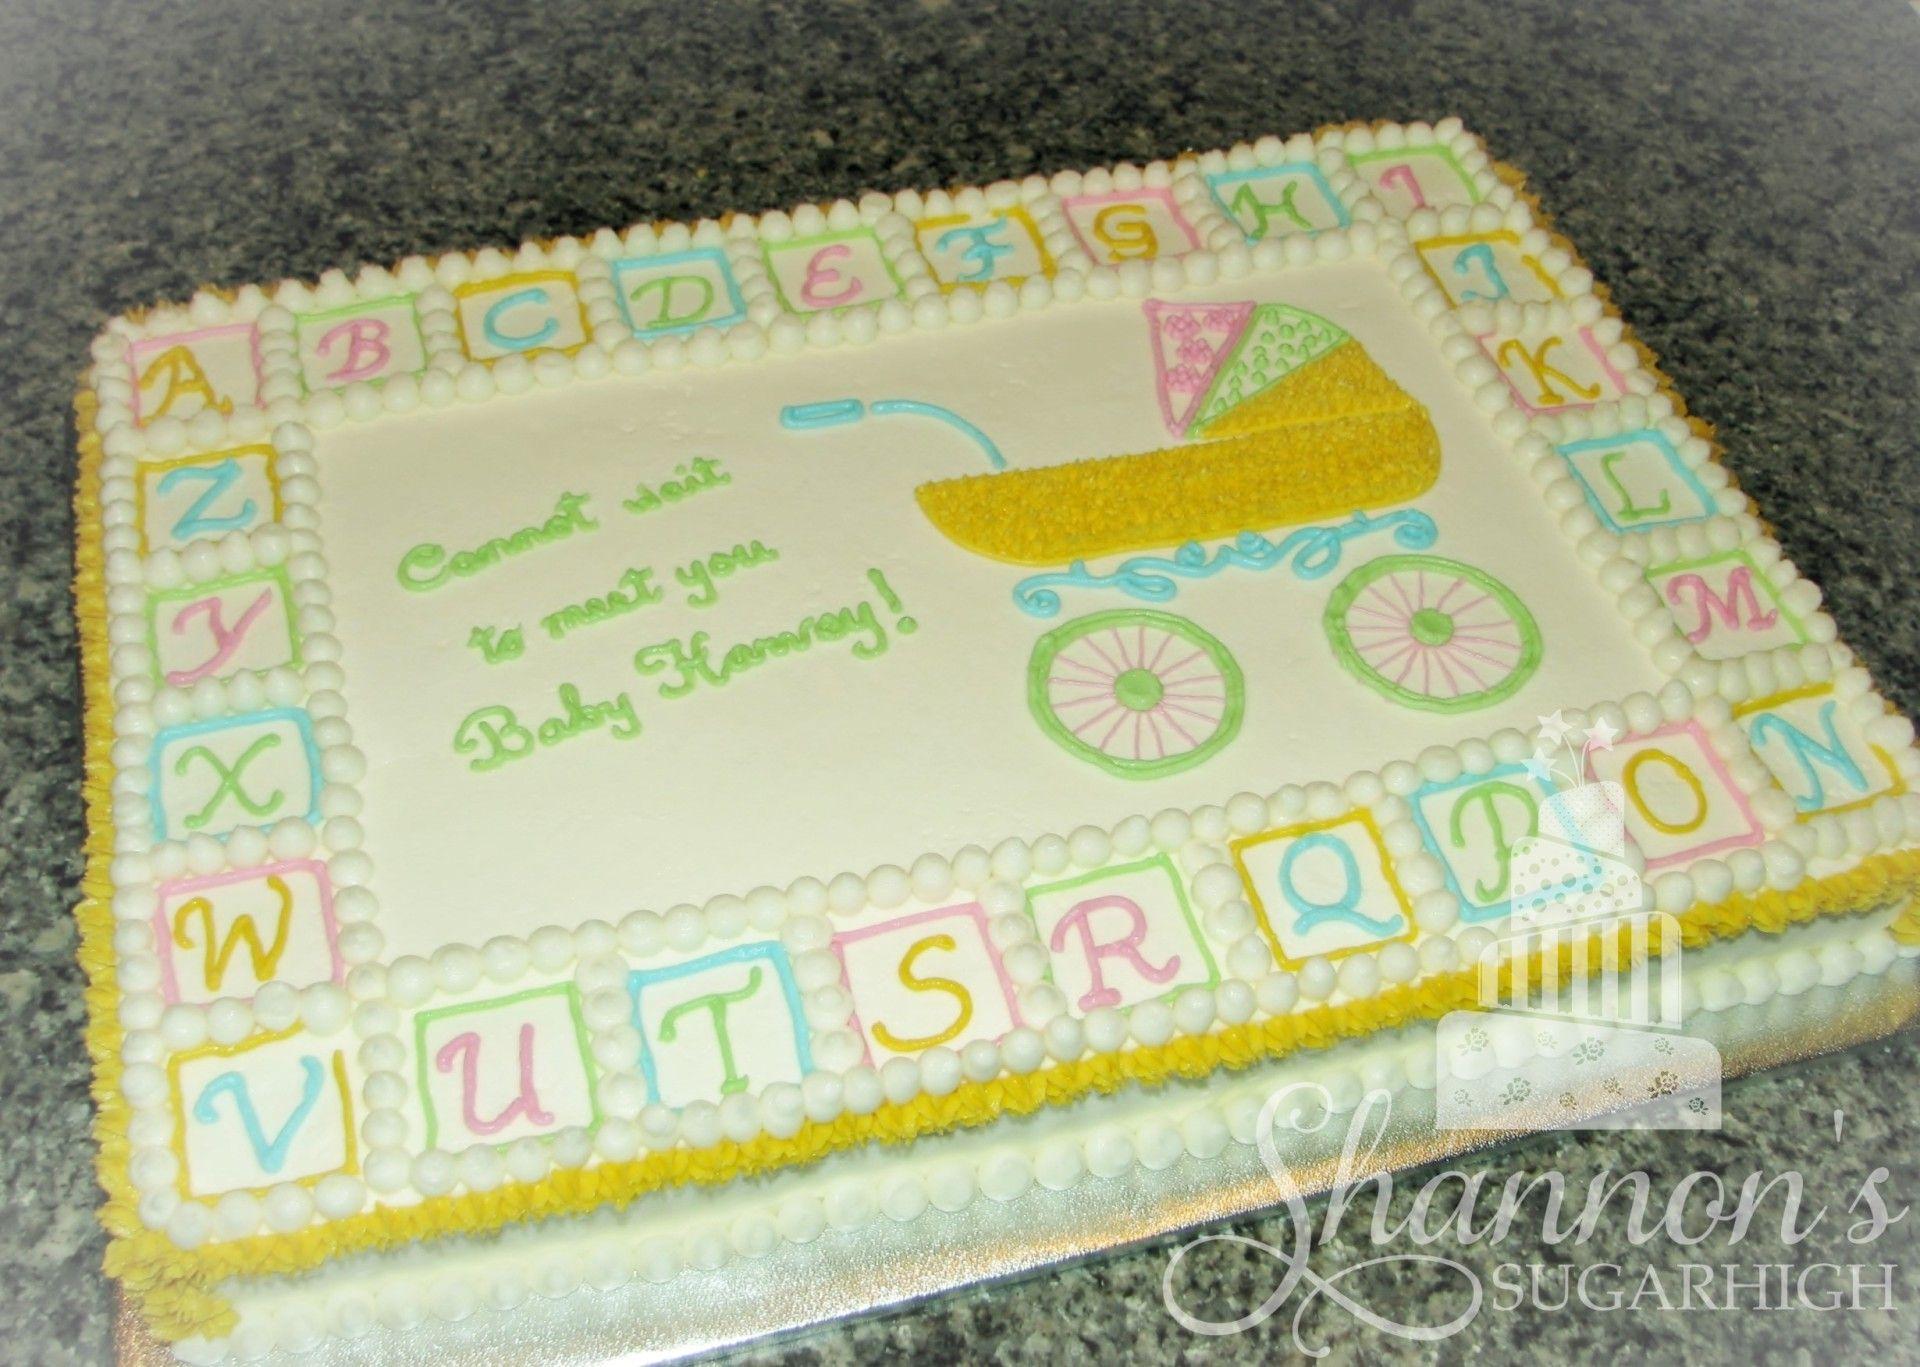 Gender neutral baby shower ideas pinterest - Baby Shower Cake Designs